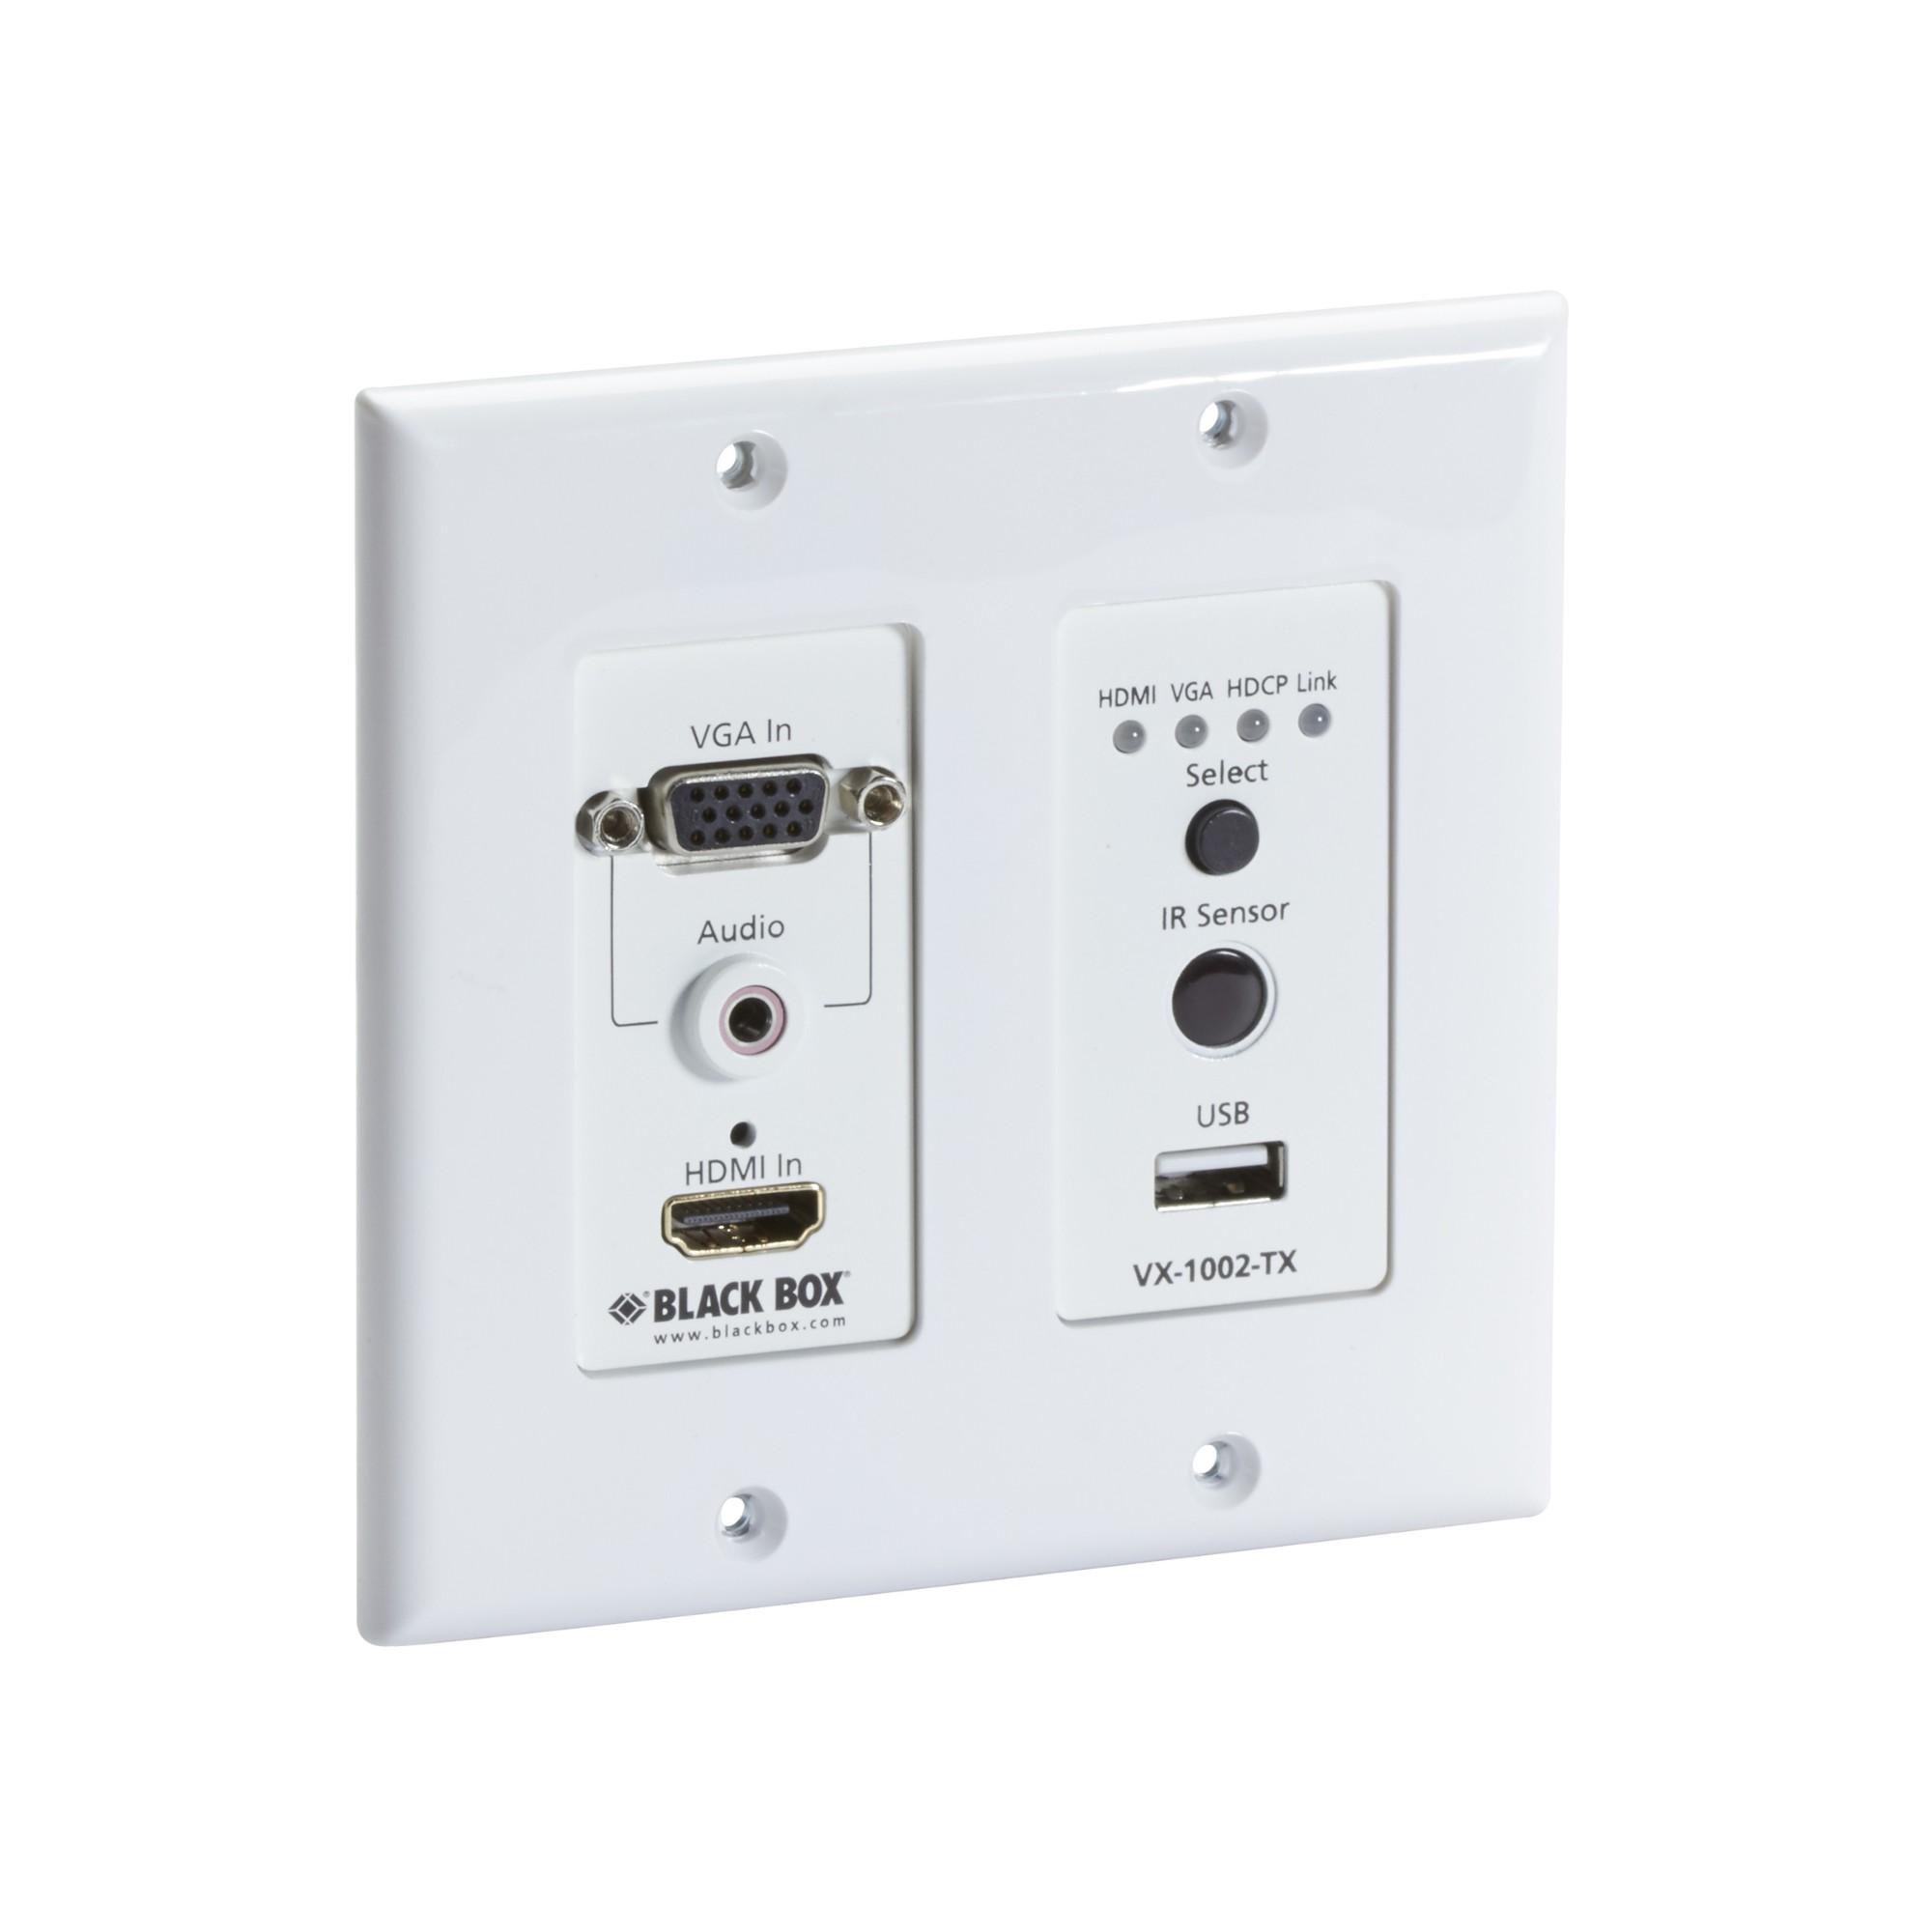 Black Box VX-1002-TX AV transmitter White AV extender